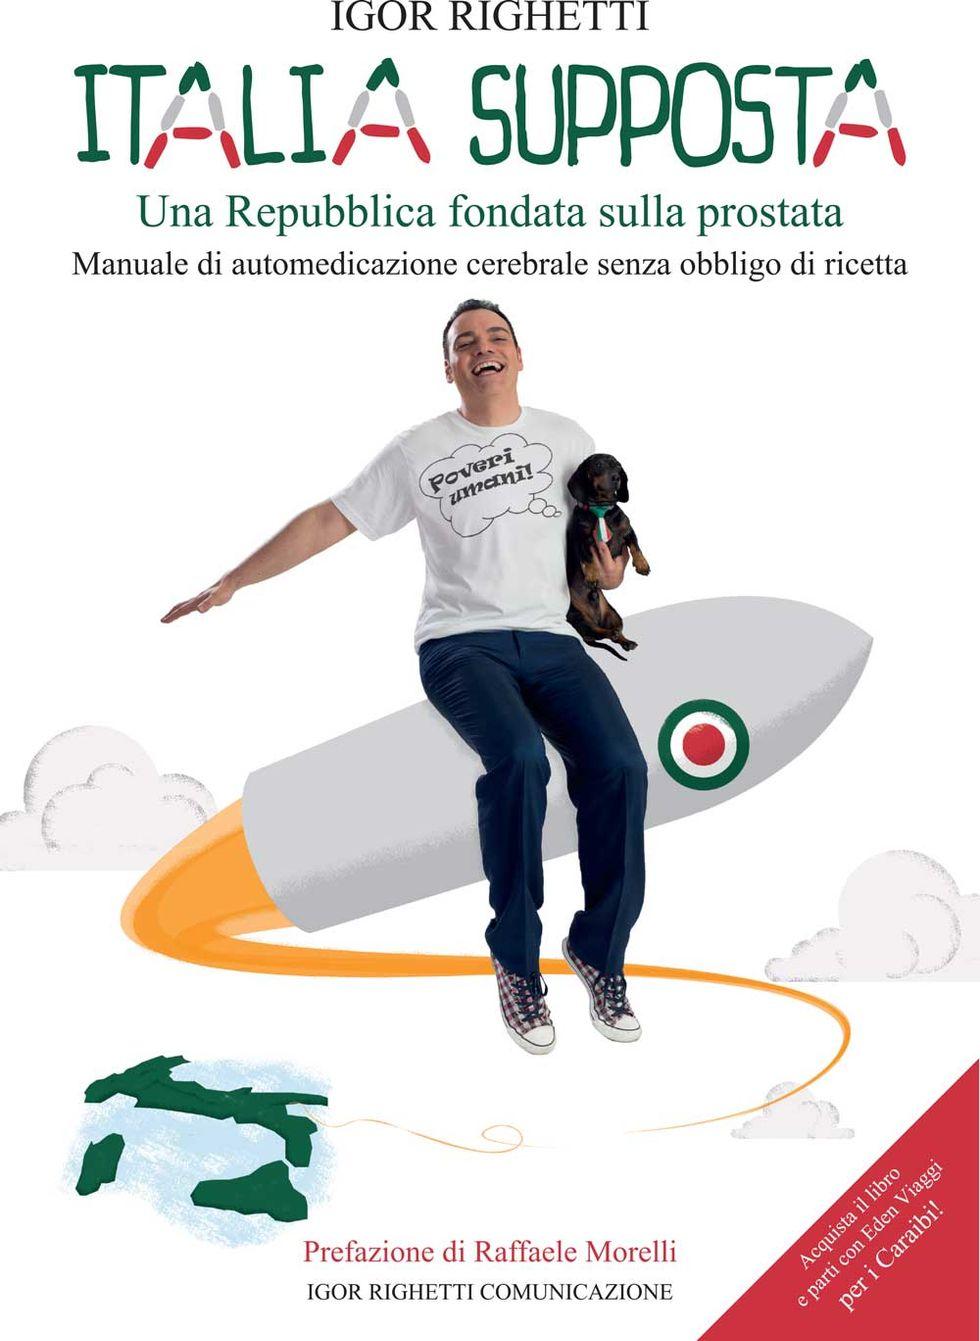 Manuale di automedicazione cerebrale: Italia supposta